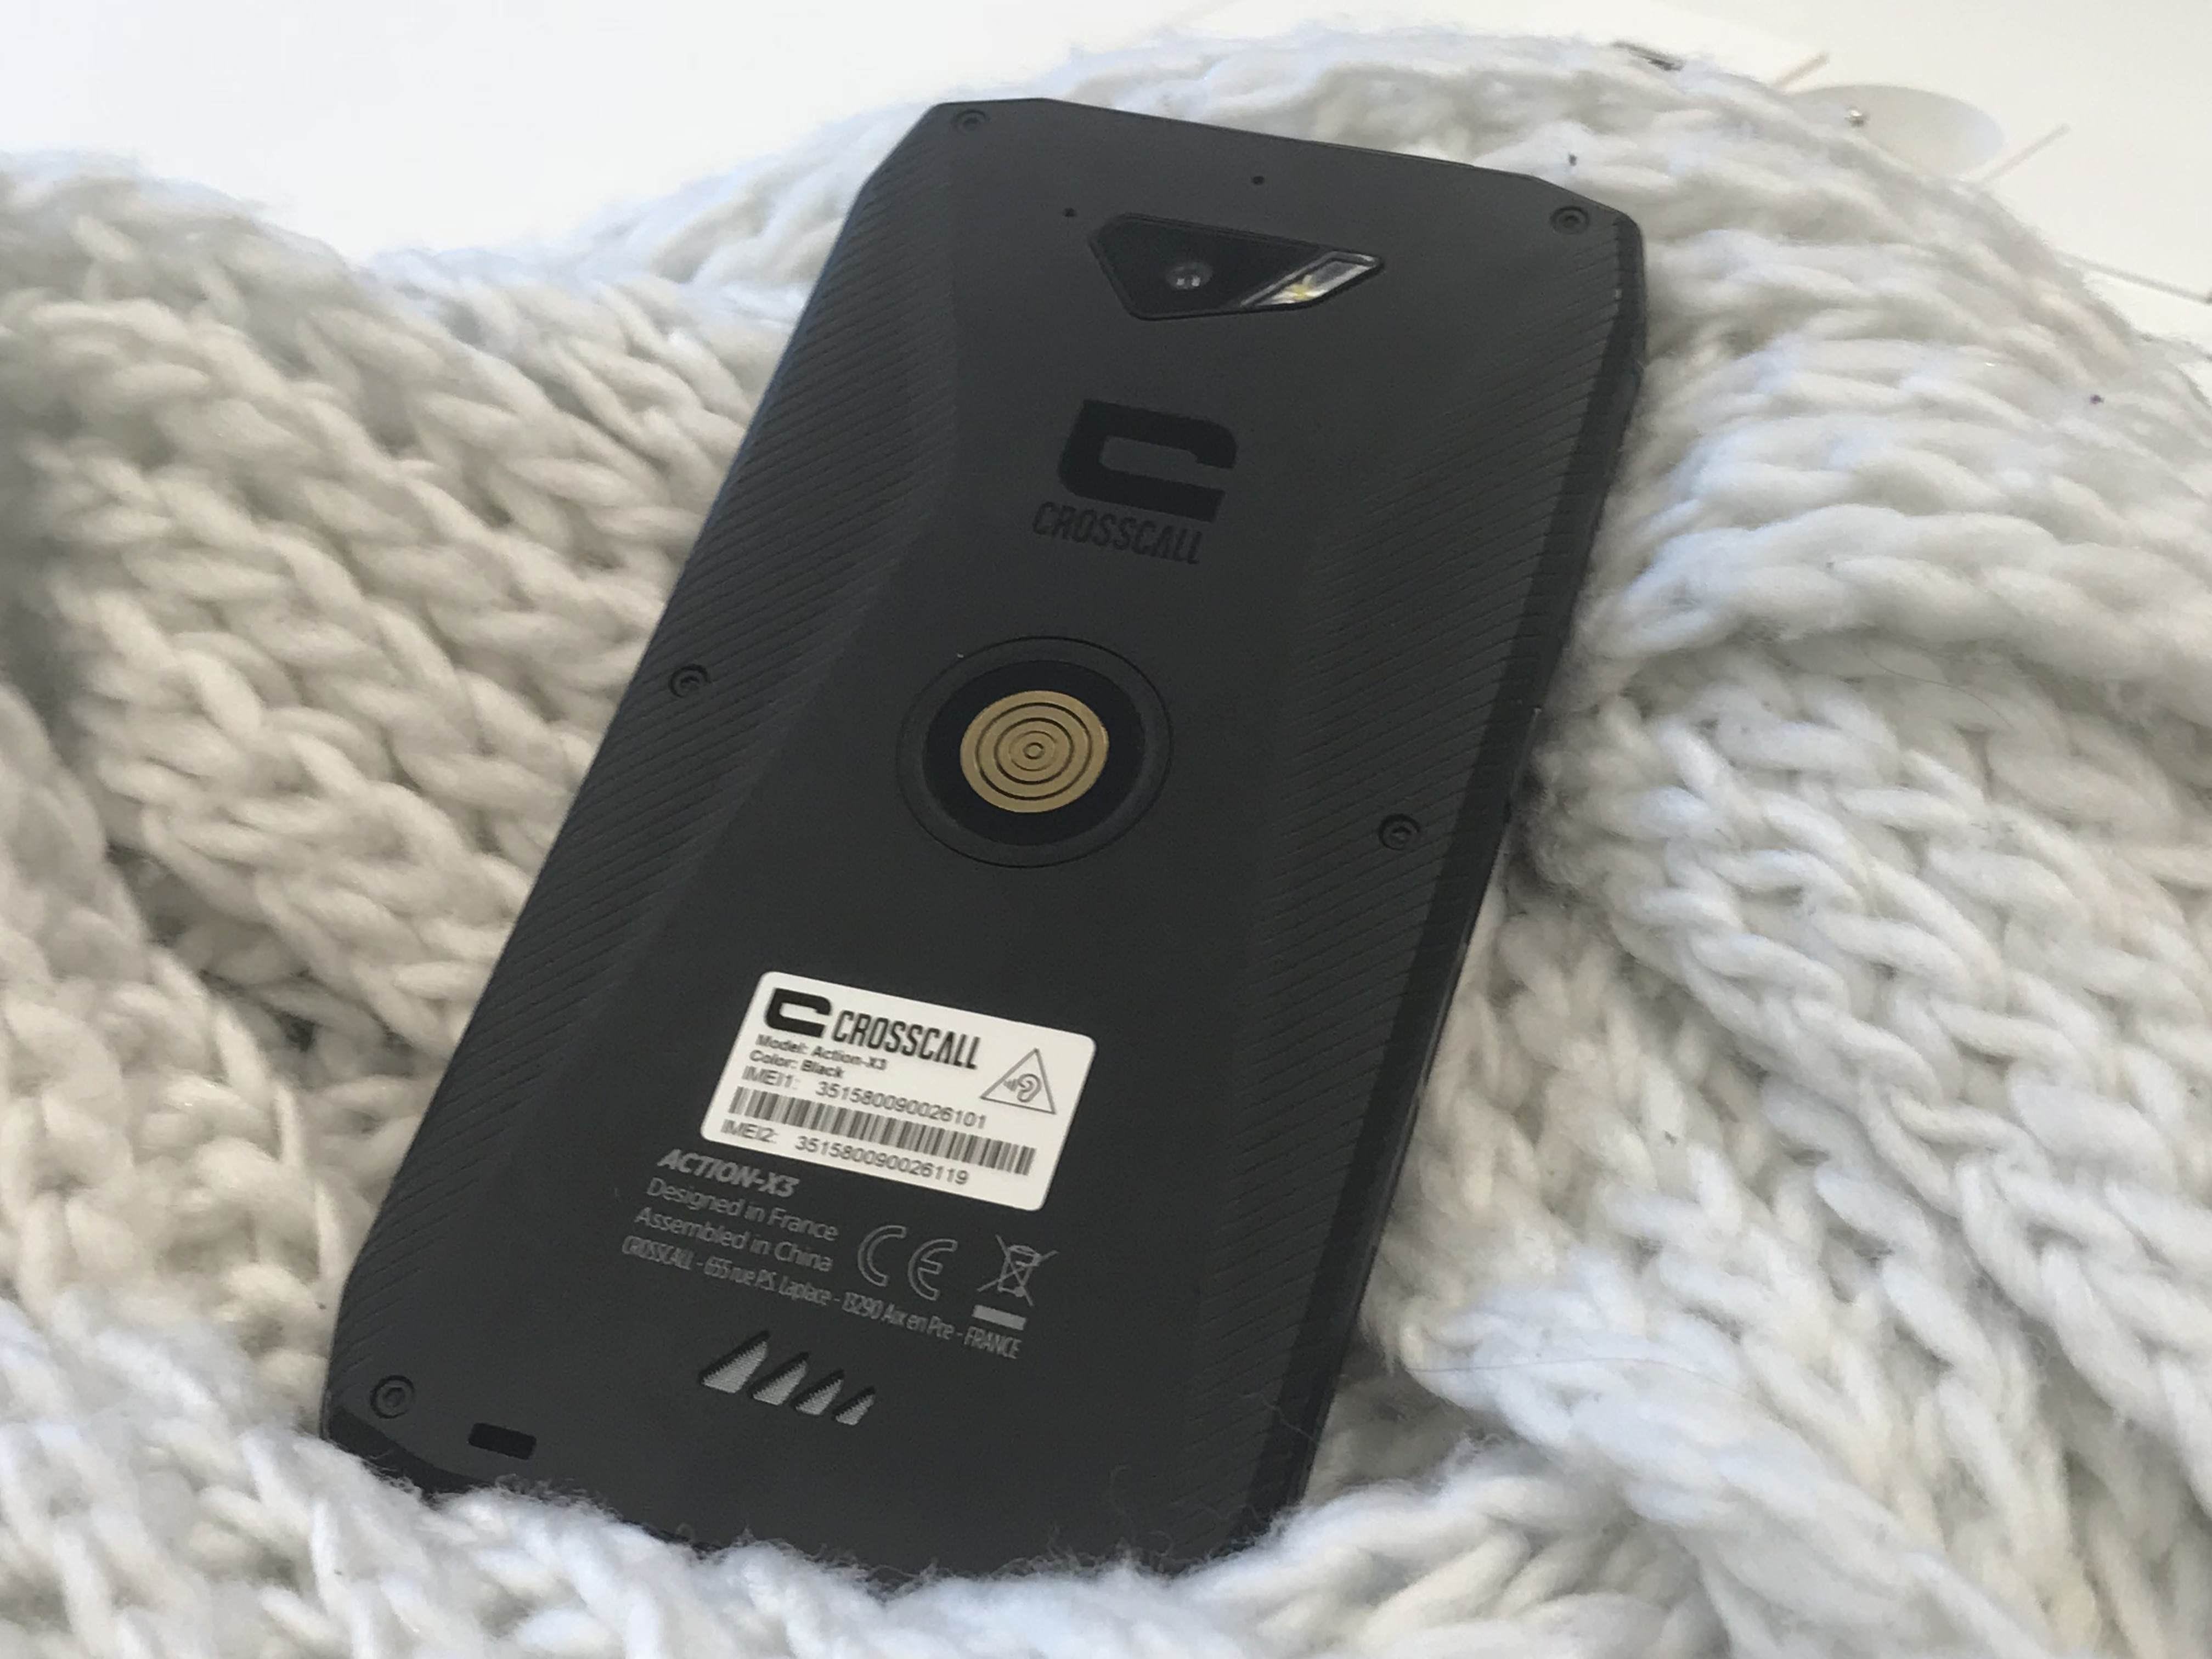 IMG 1256 - [Prise en main] Crosscall Action-X3 : un smartphone outdoor milieu de gamme particulièrement pratique